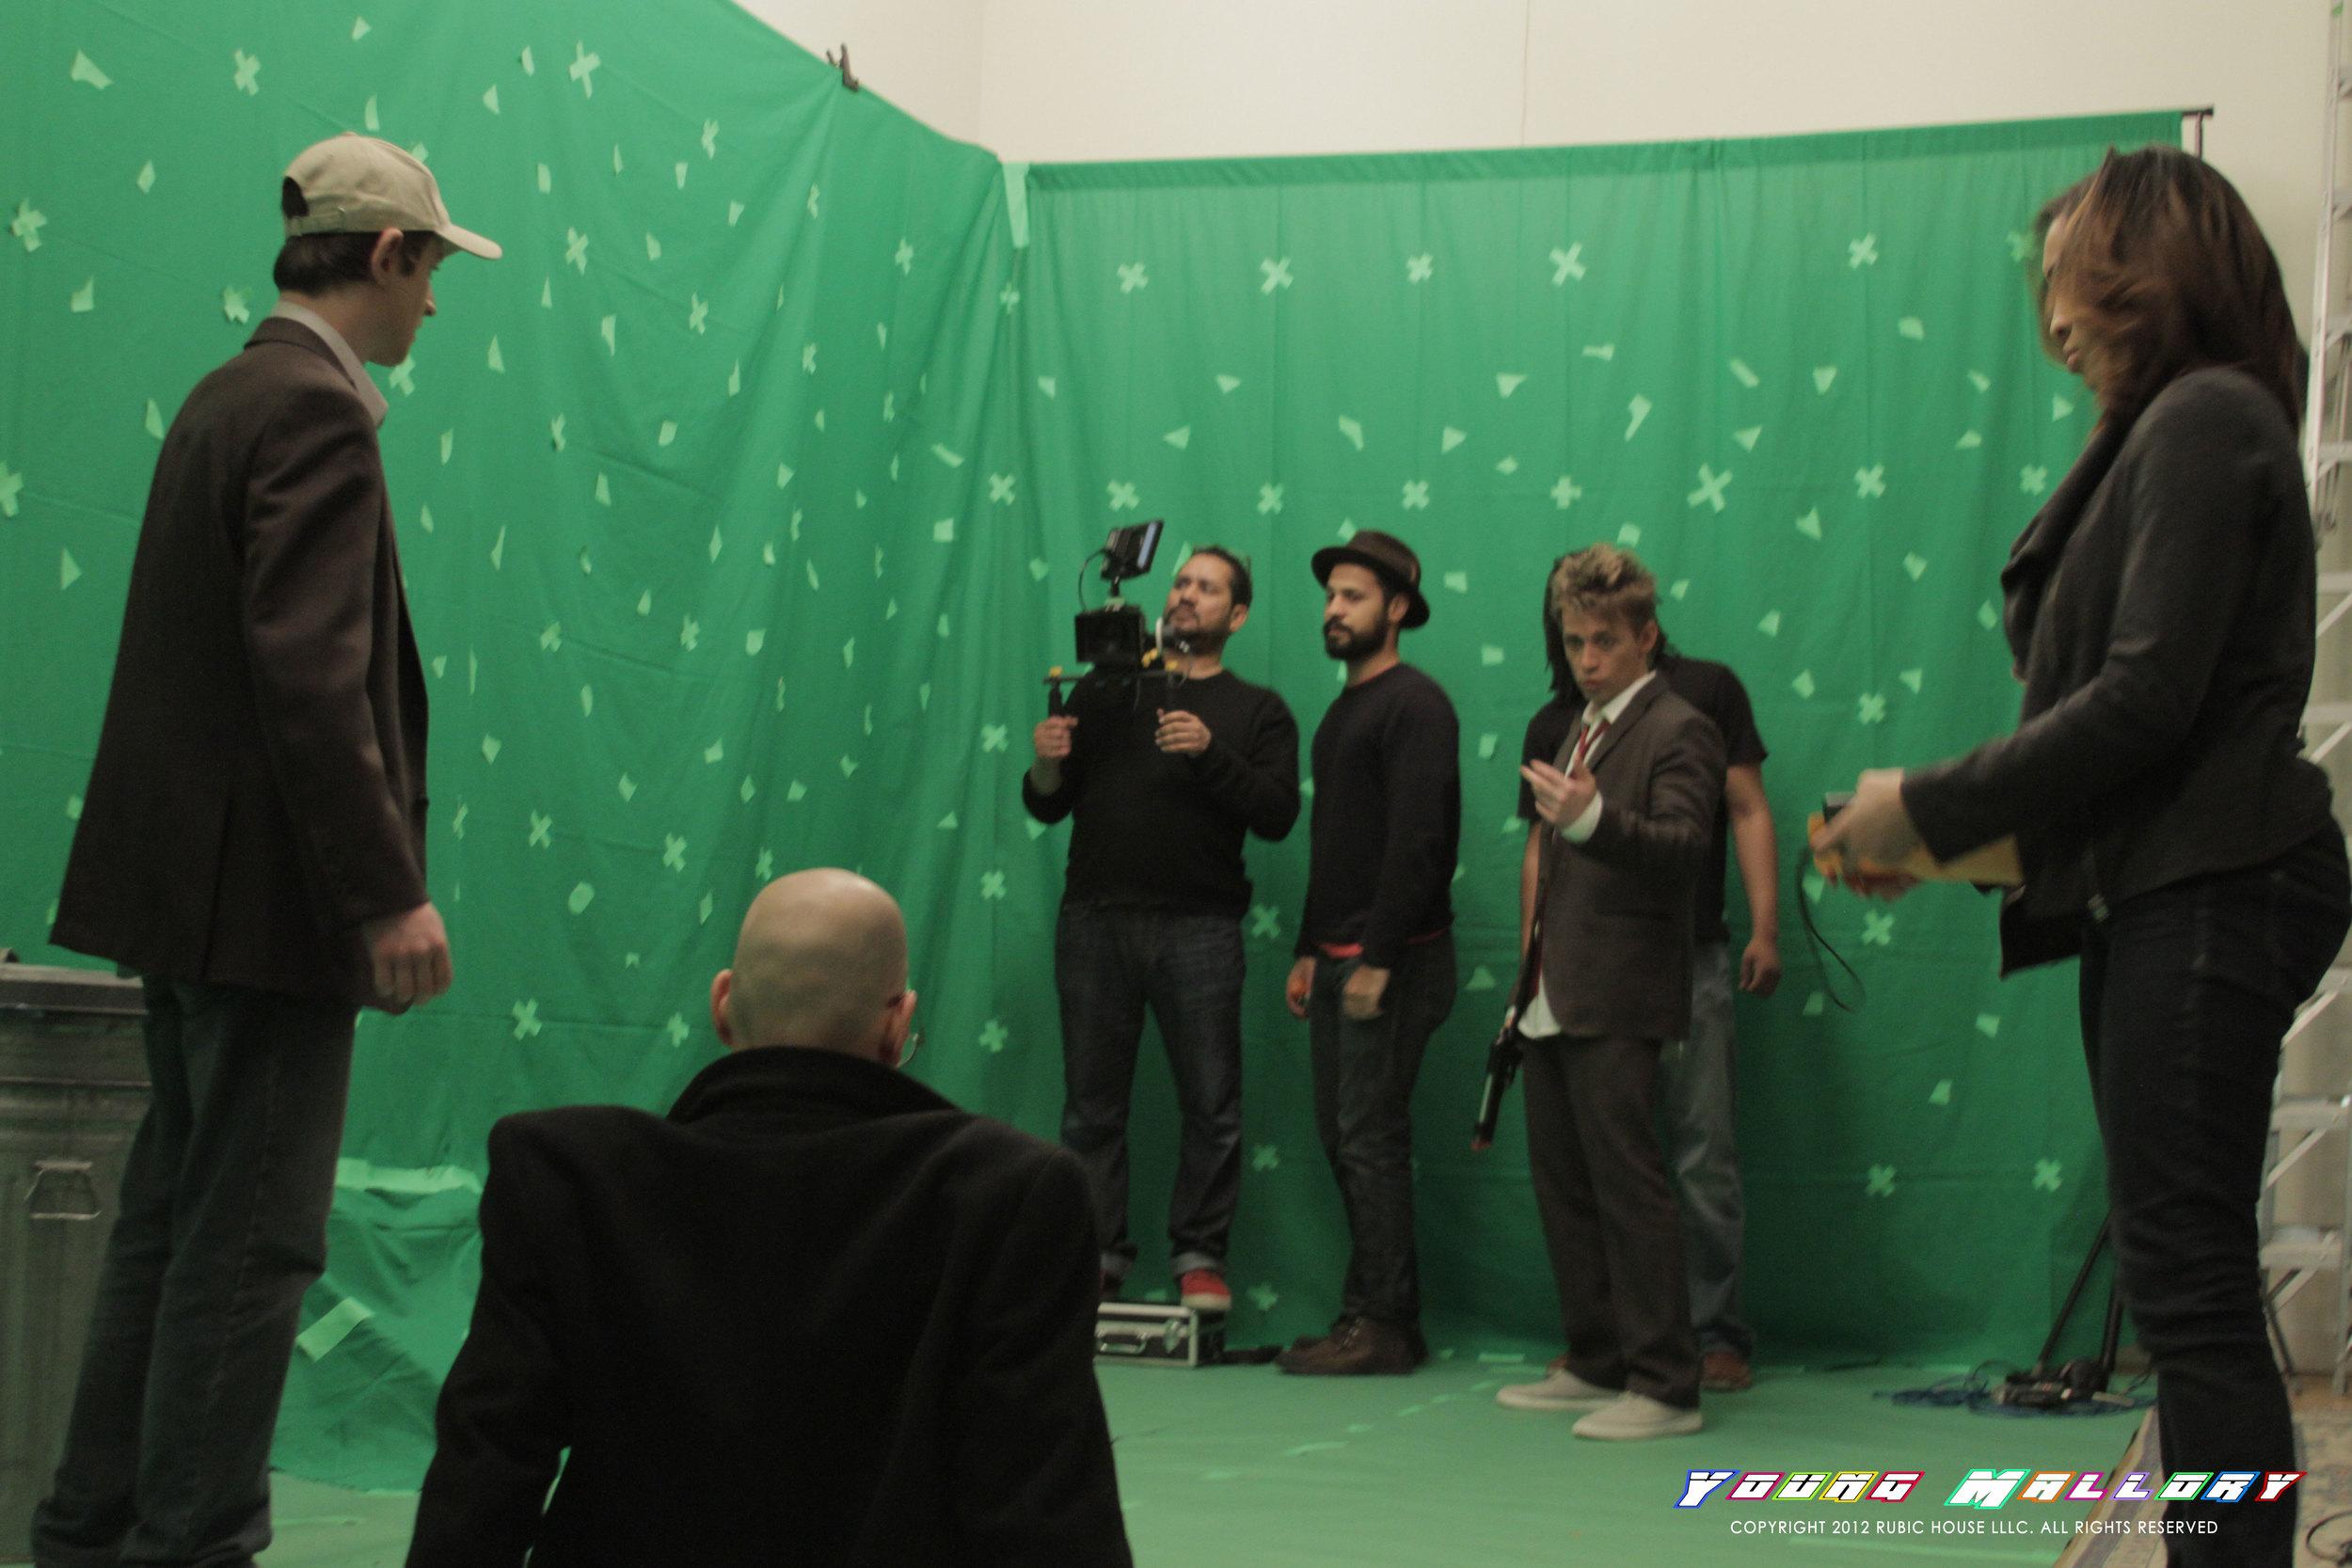 behind-the-scenes-photo-8.jpg